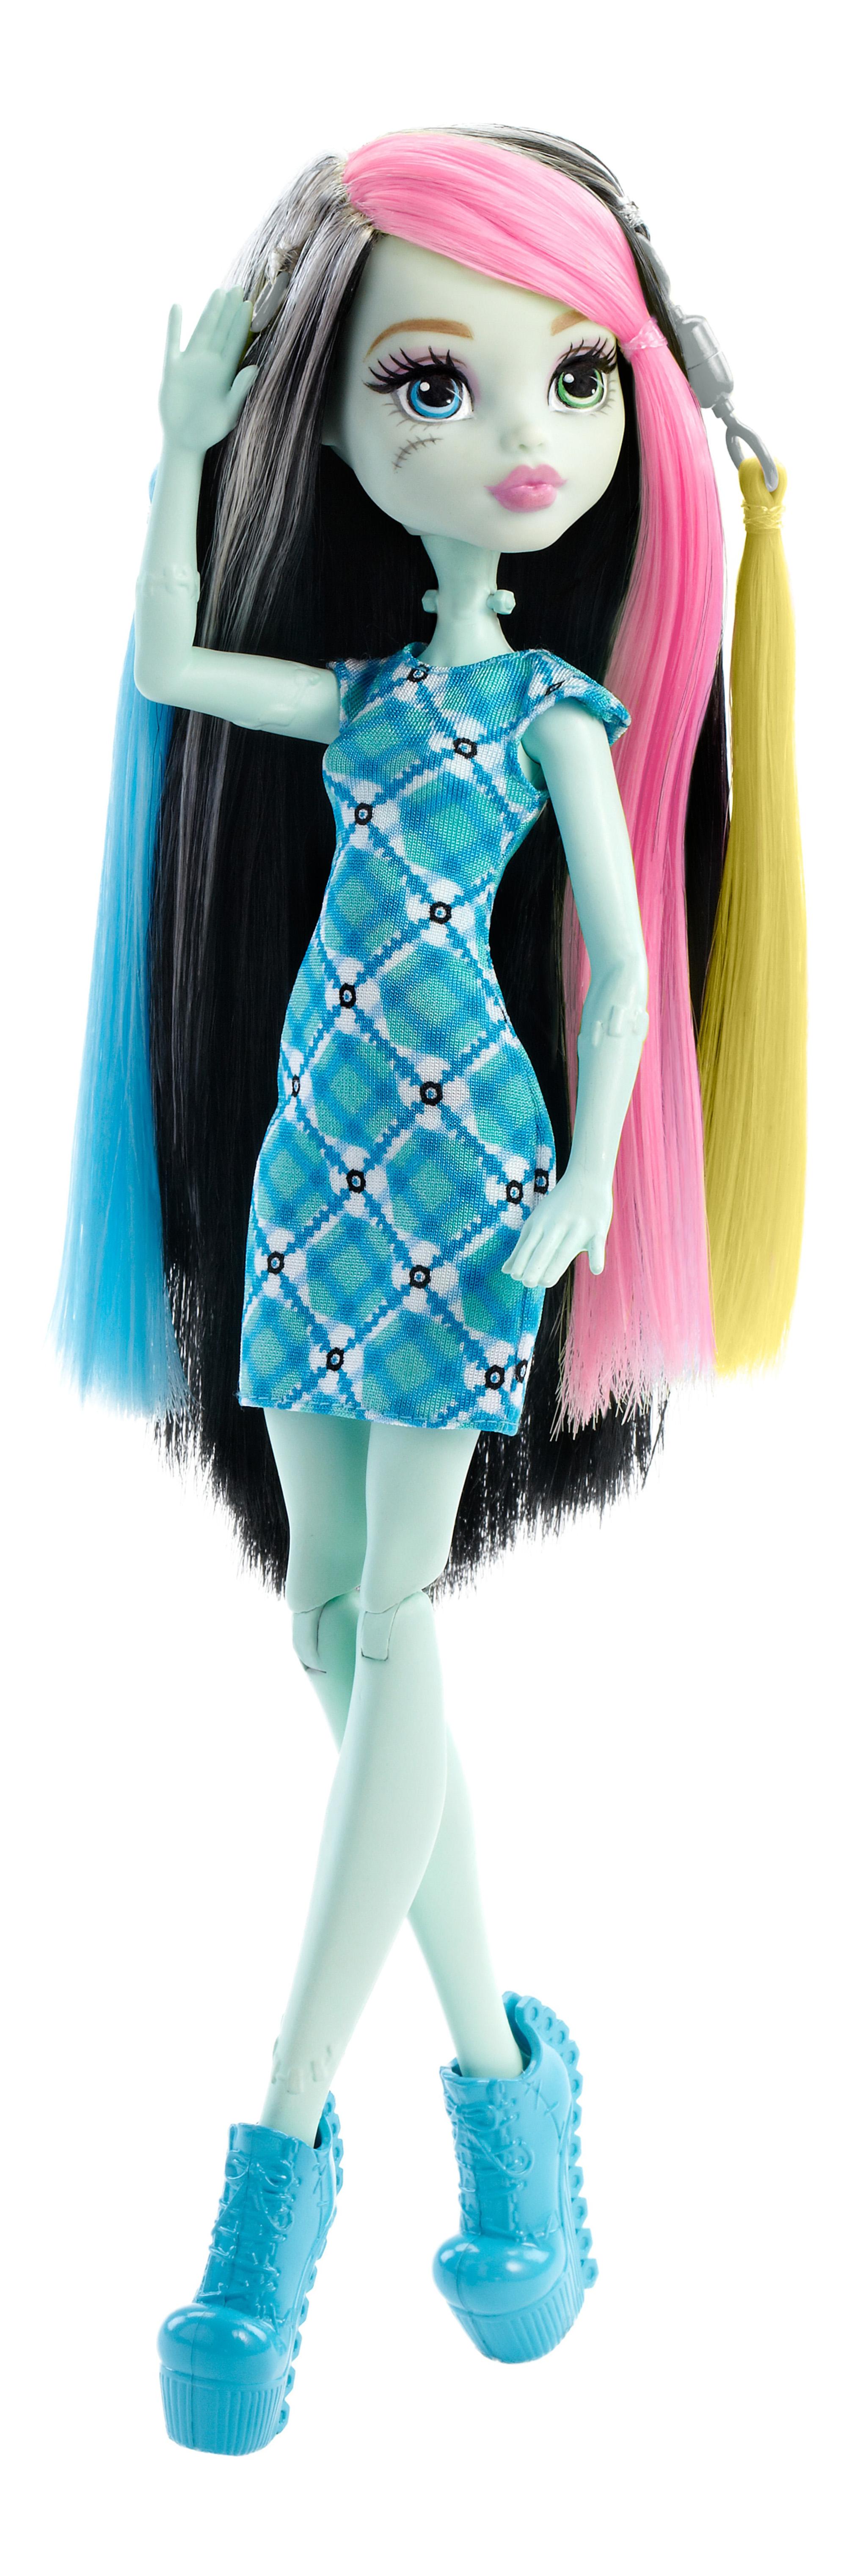 Купить Игровой набор Monster High стильная прическа Фрэнки FDT57, Куклы Monster High